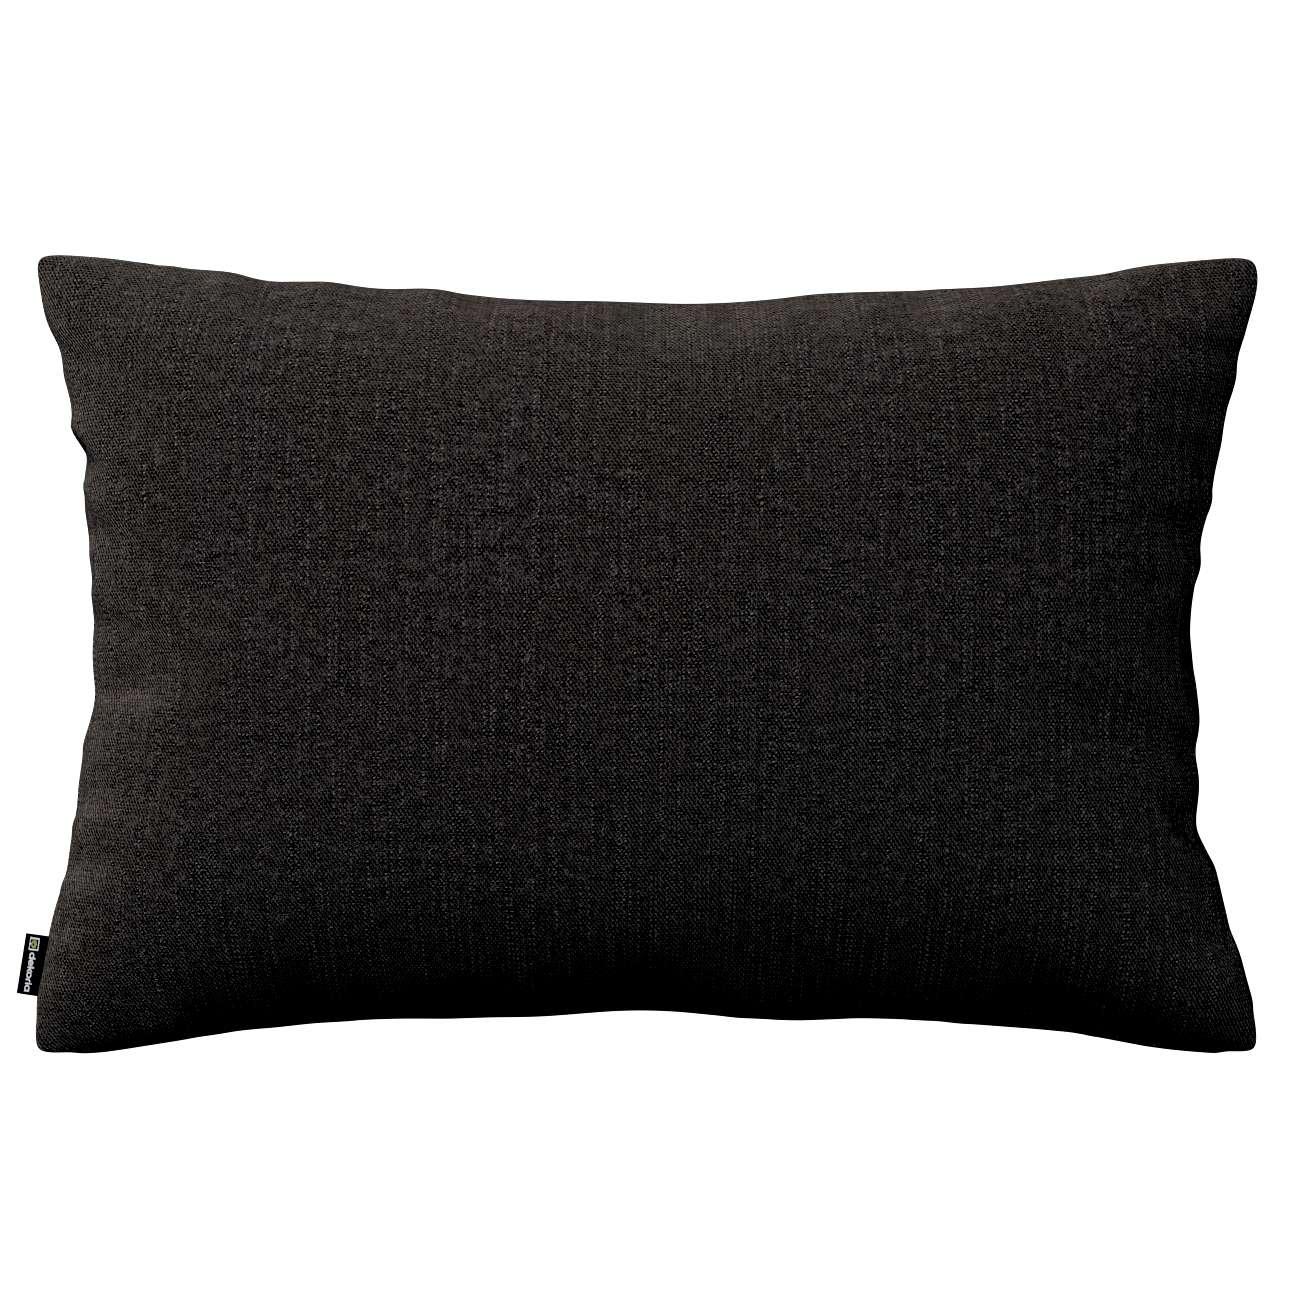 Kinga dekoratyvinės pagalvėlės užvalkalas 60x40cm 60x40cm kolekcijoje Vintage, audinys: 702-36